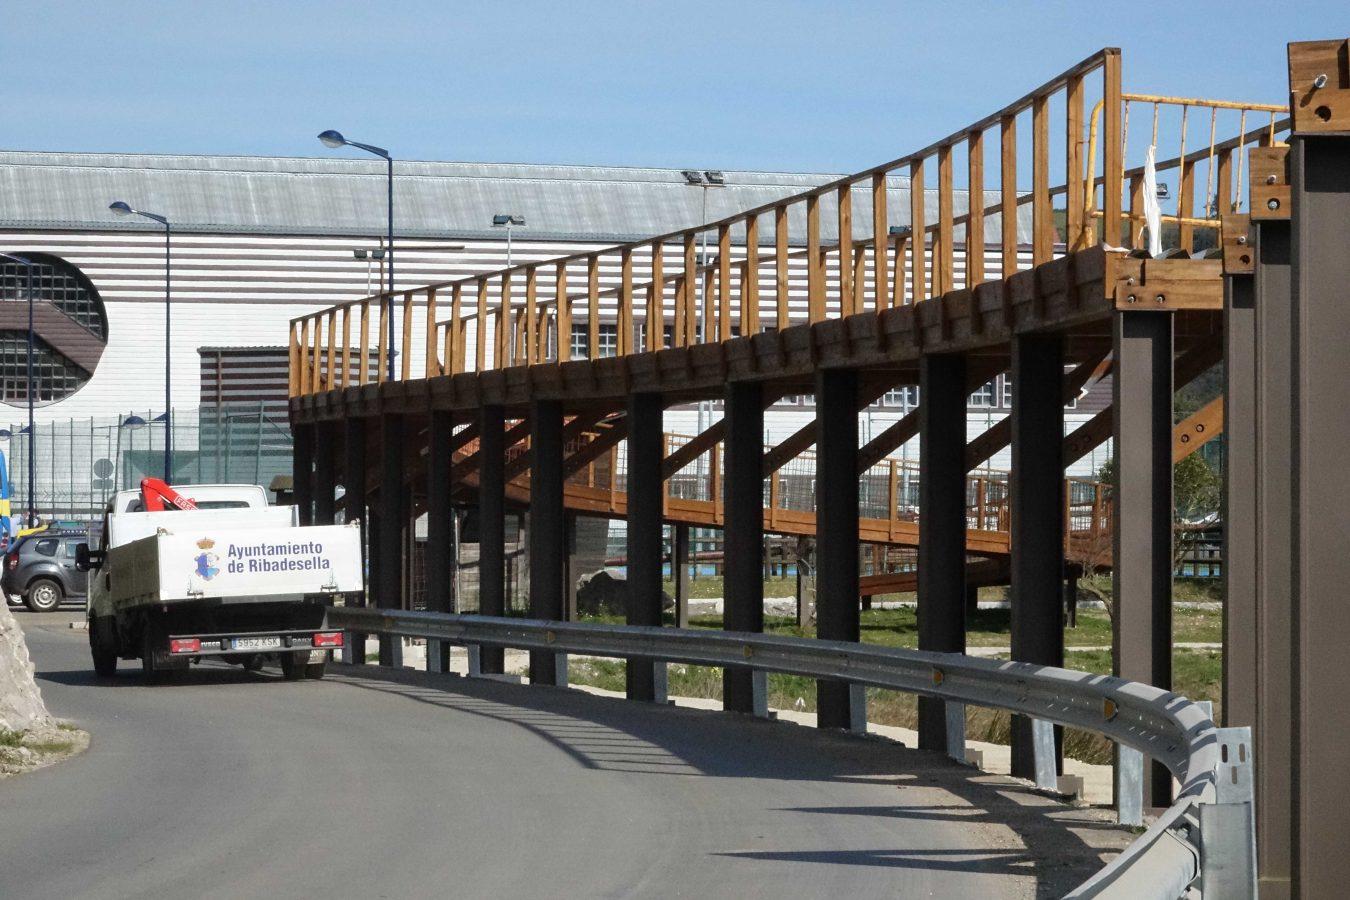 La pasarela elevada de Picu Ramonón se transformará en un mirador a la ría de Ribadesella